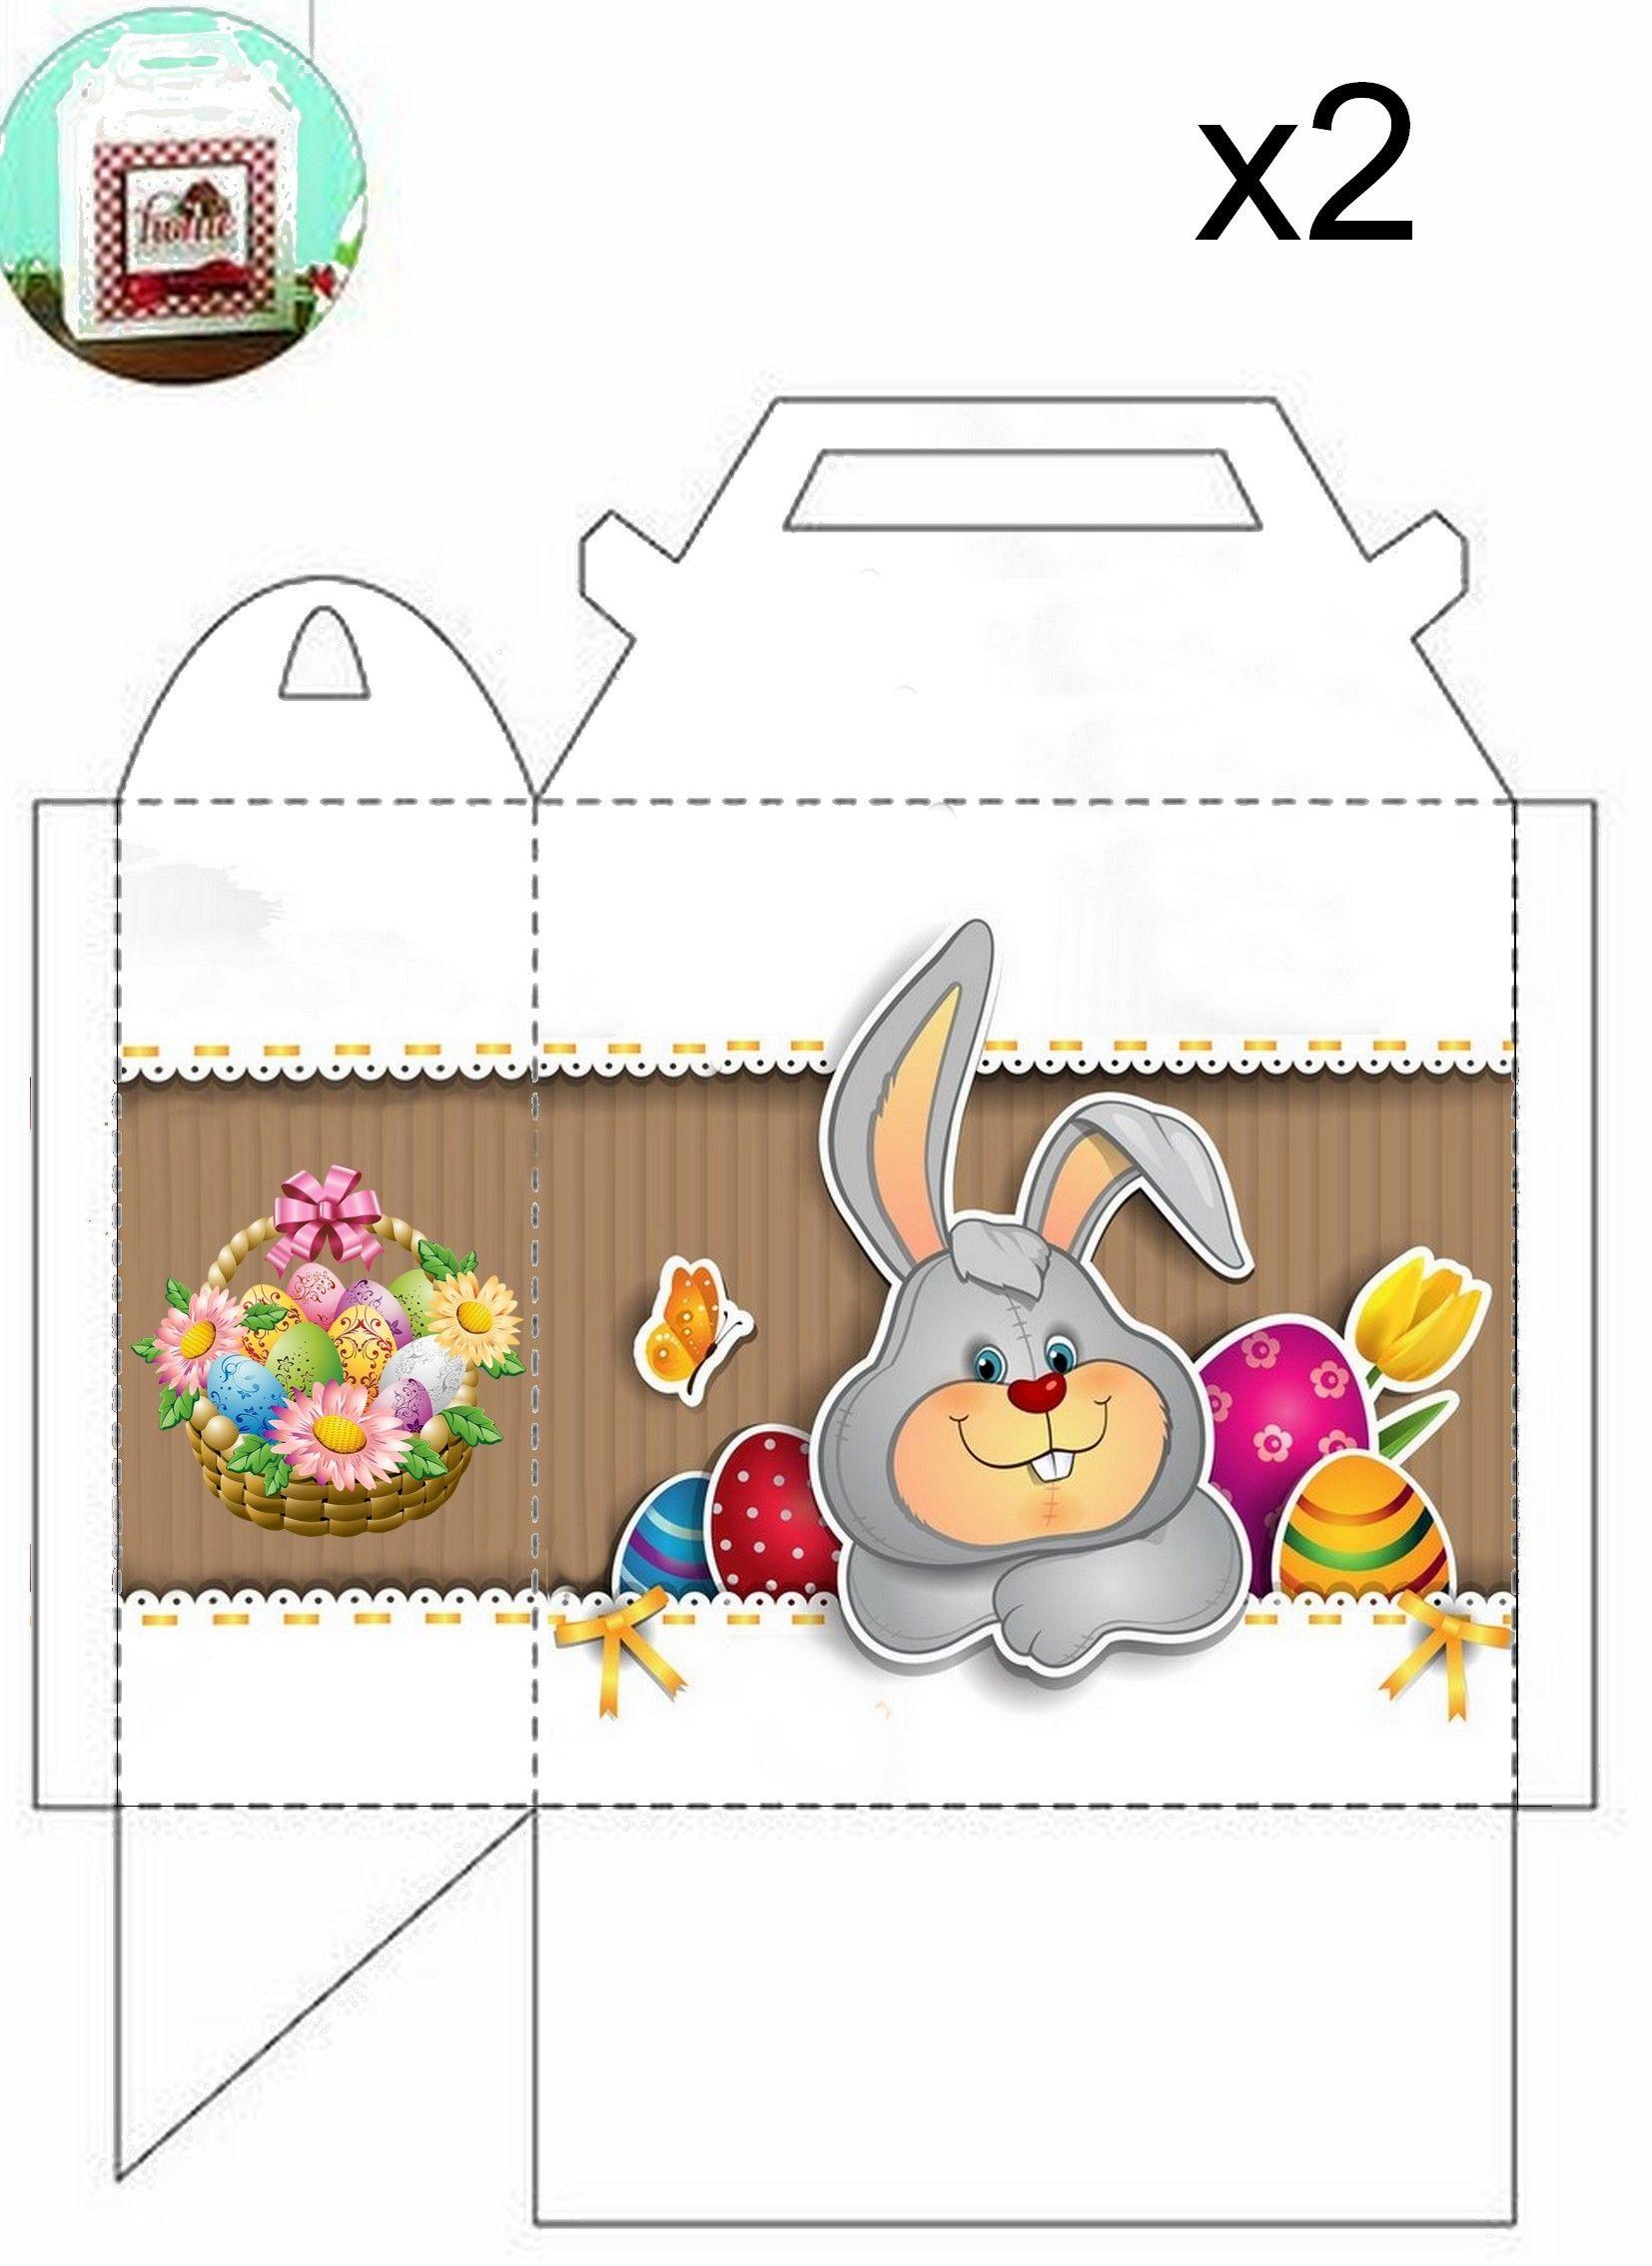 Panier de p ques imprimer et assembler bricolage et diy p ques pinterest sucreries - Image de paques a imprimer ...